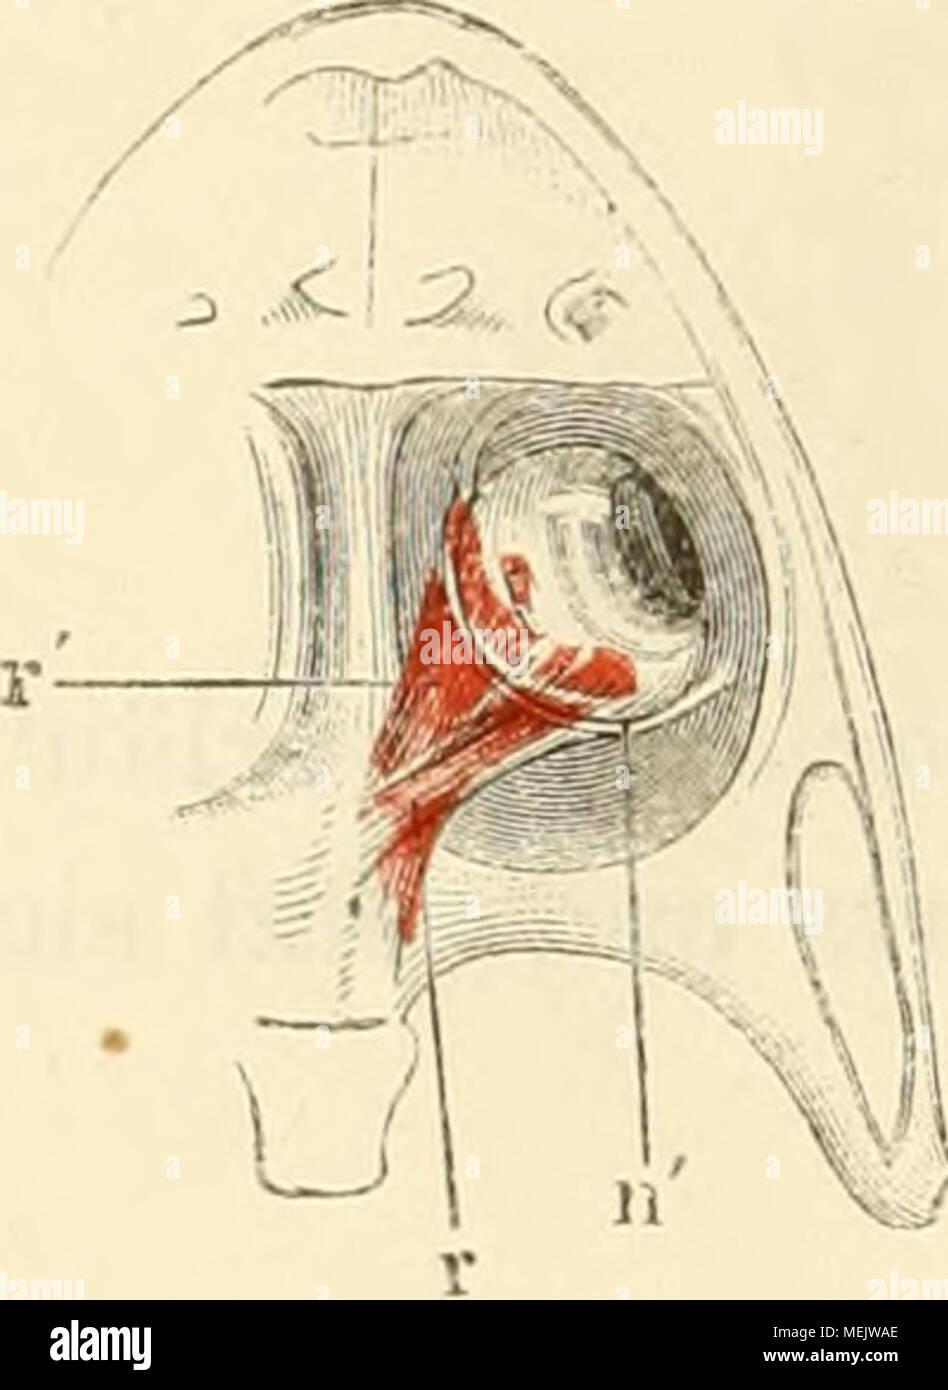 Charmant Mnemotechnik Für Anatomie Und Physiologie Bilder ...